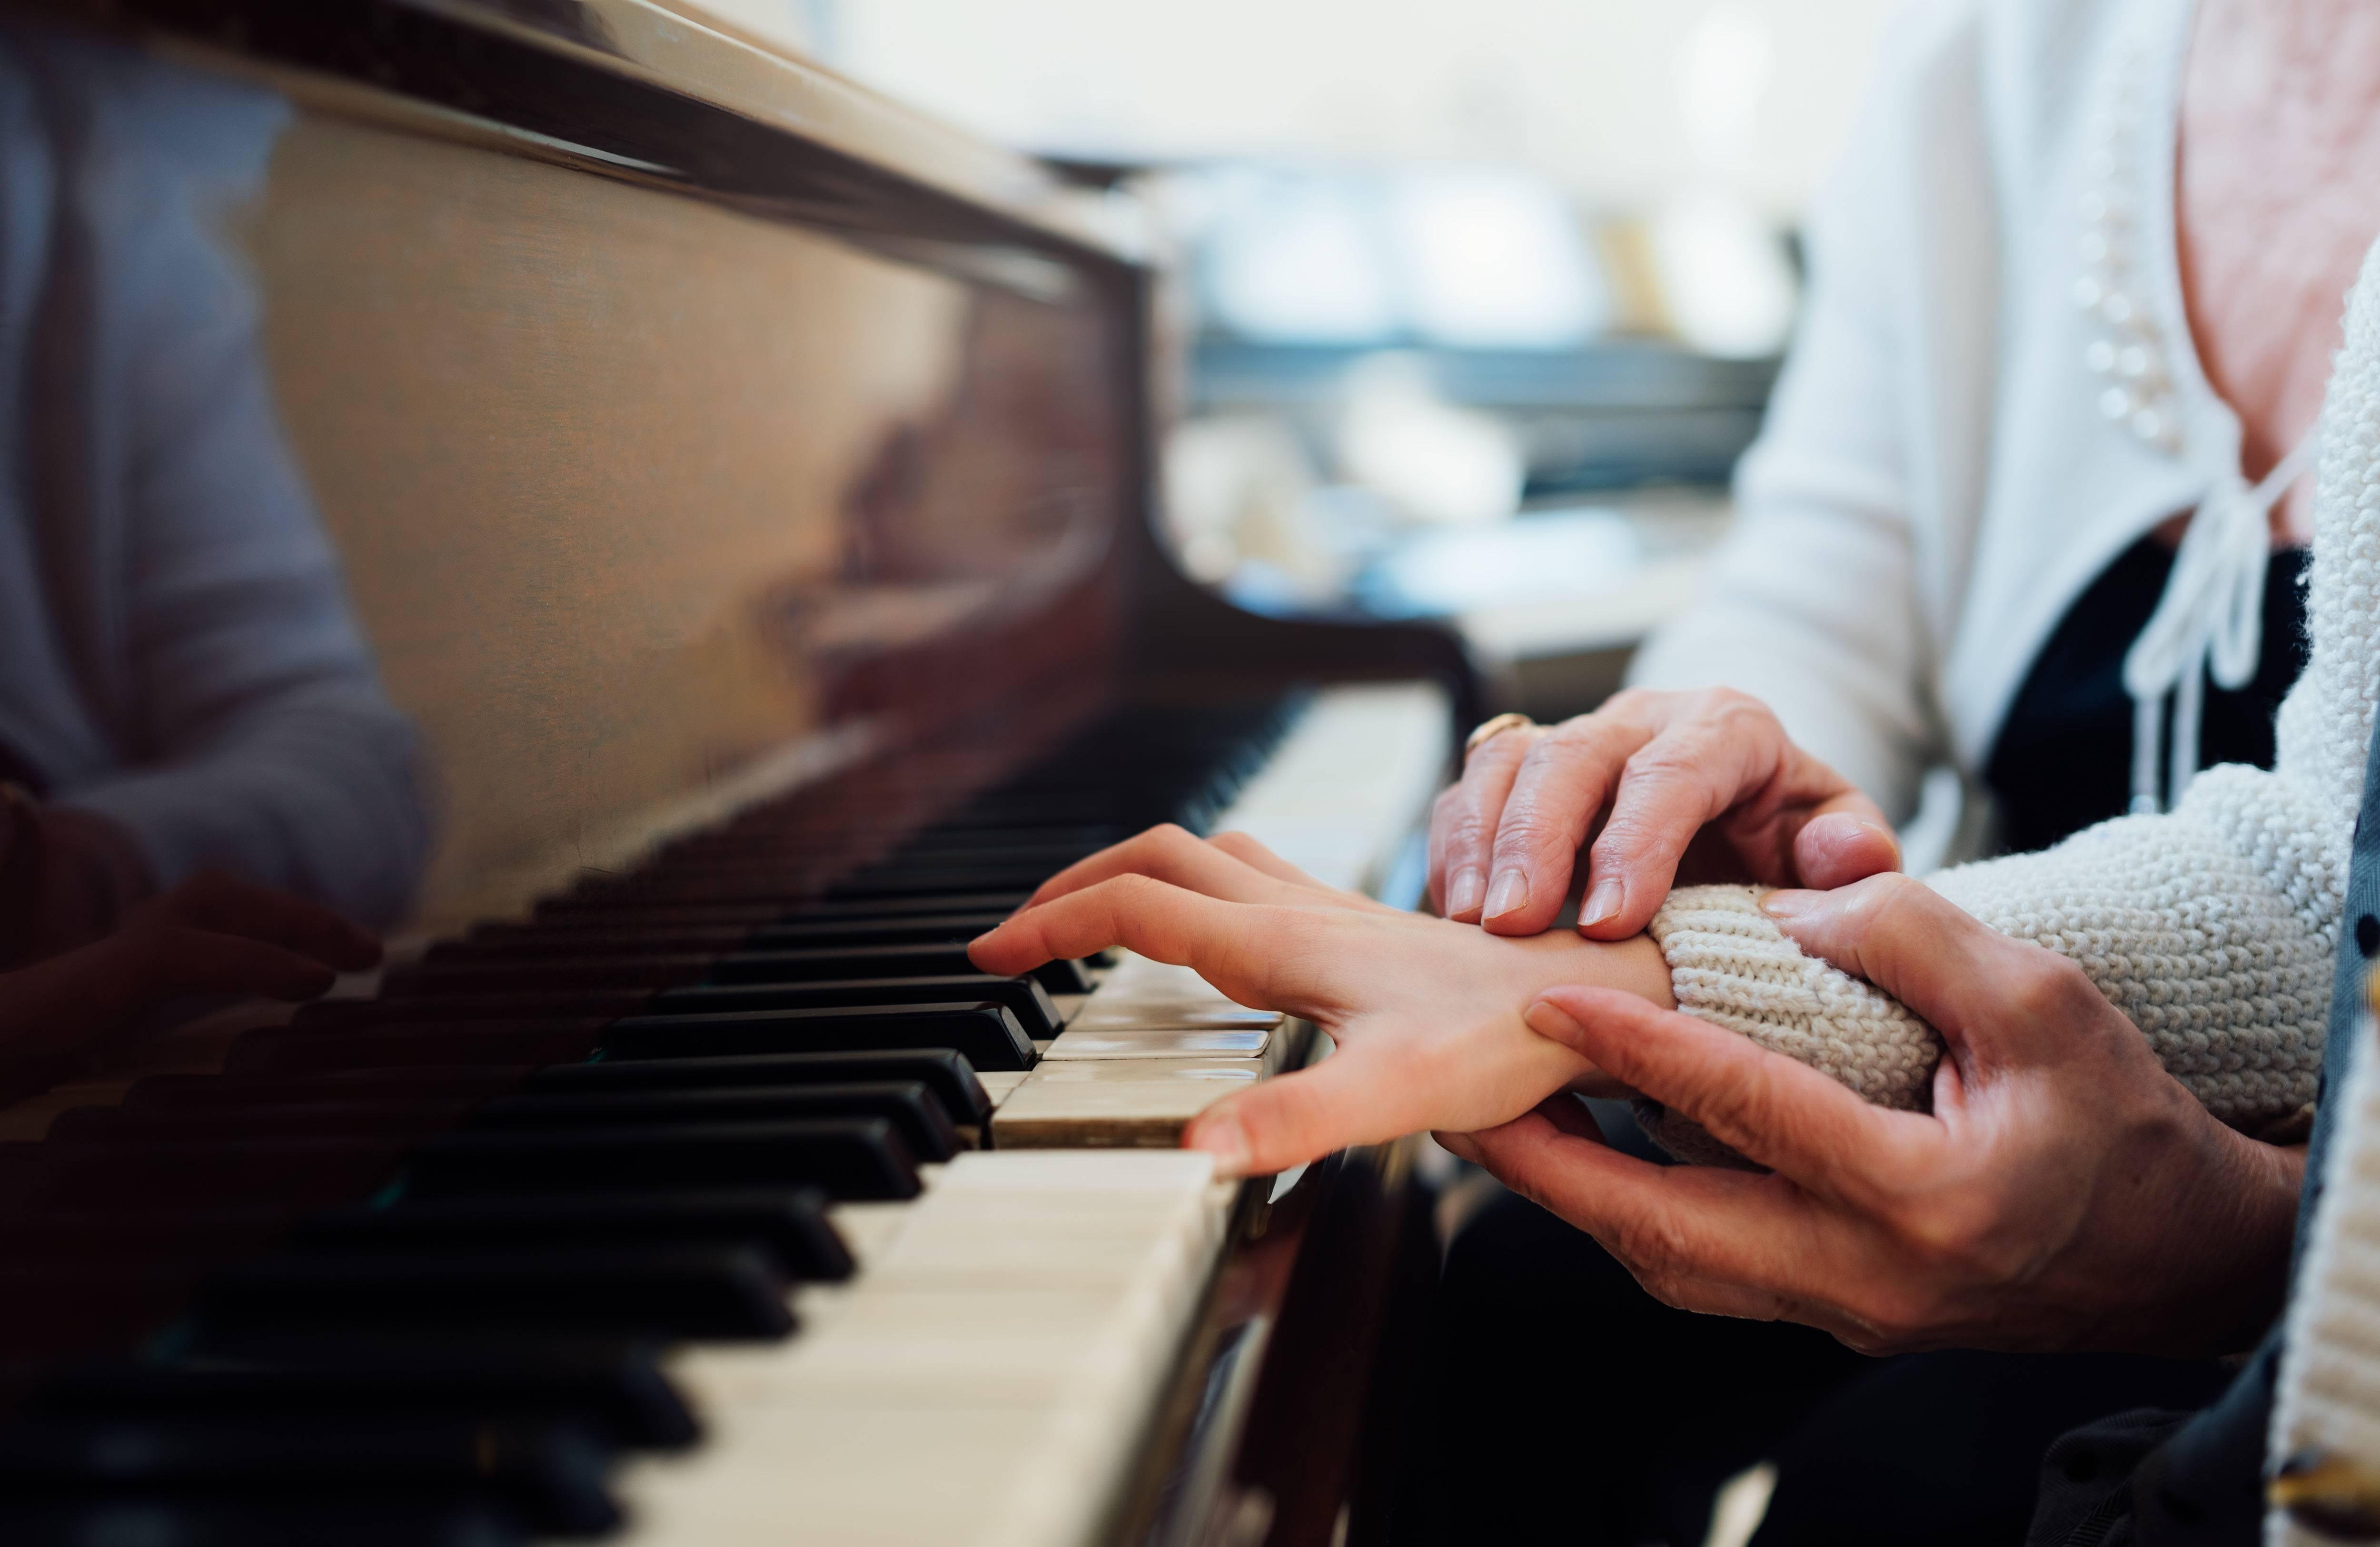 弹琴时,手指总翘起来应该怎么克服?